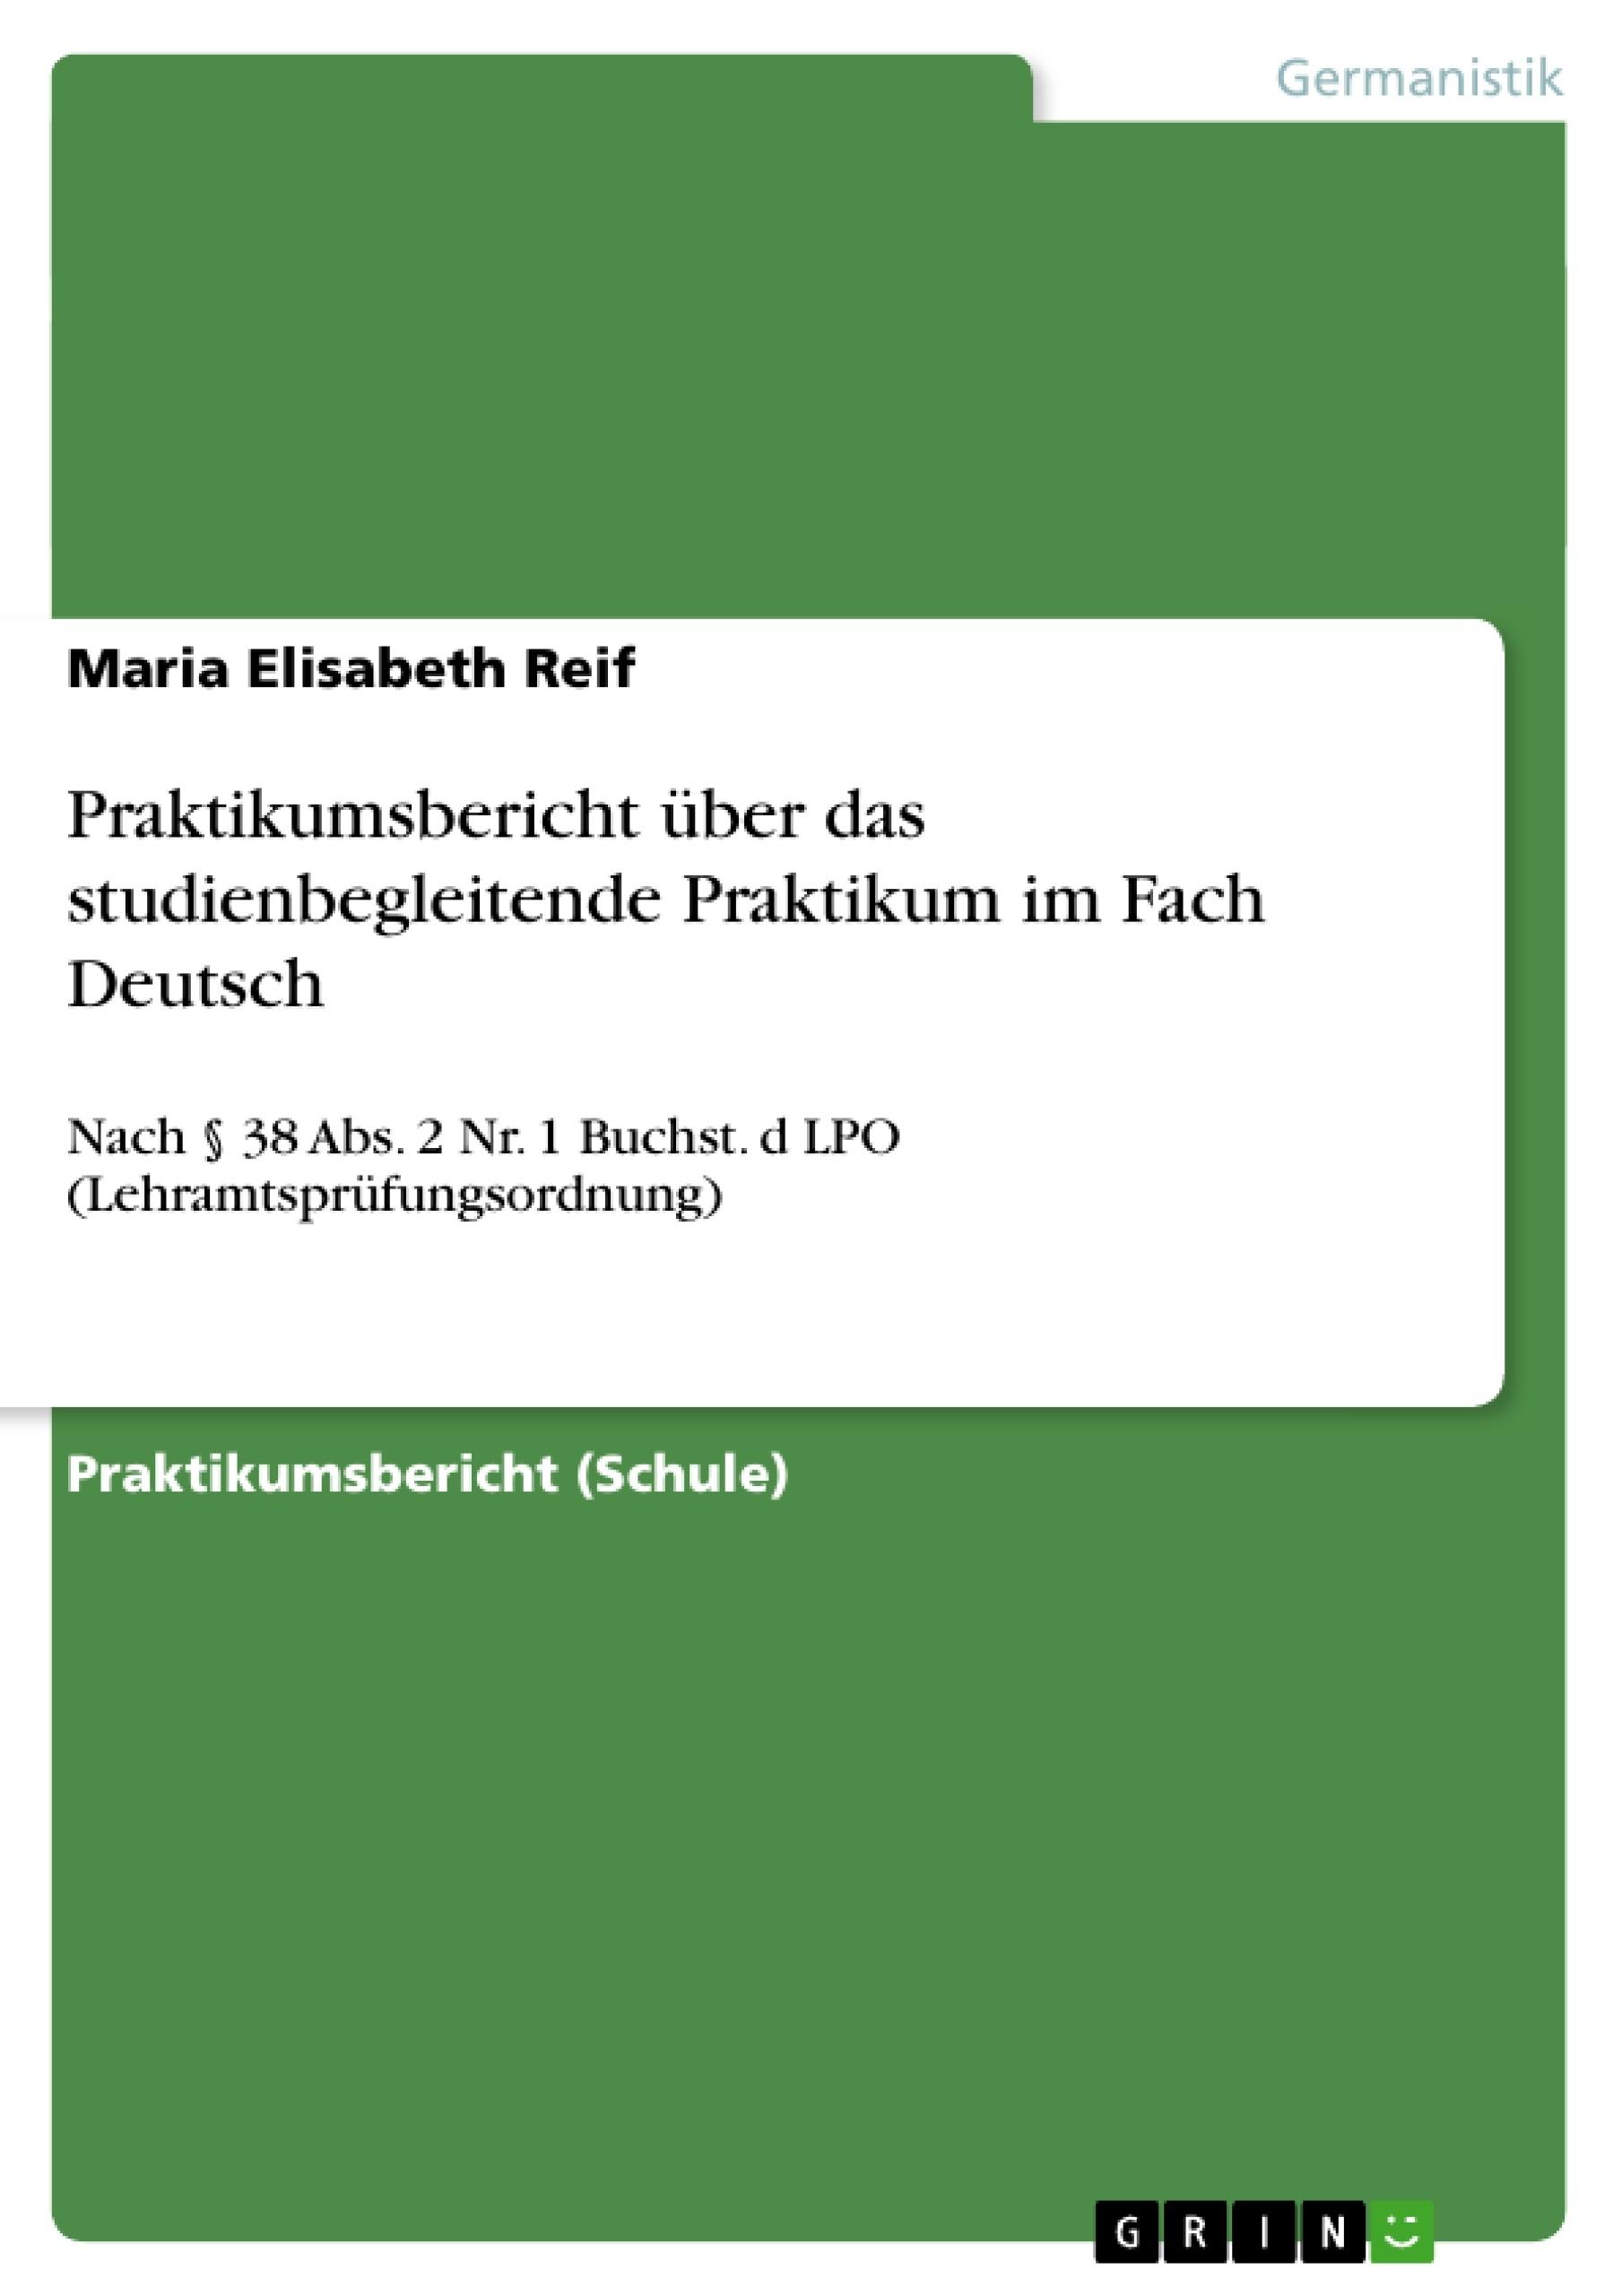 Titel: Praktikumsbericht  über das studienbegleitende Praktikum im Fach Deutsch